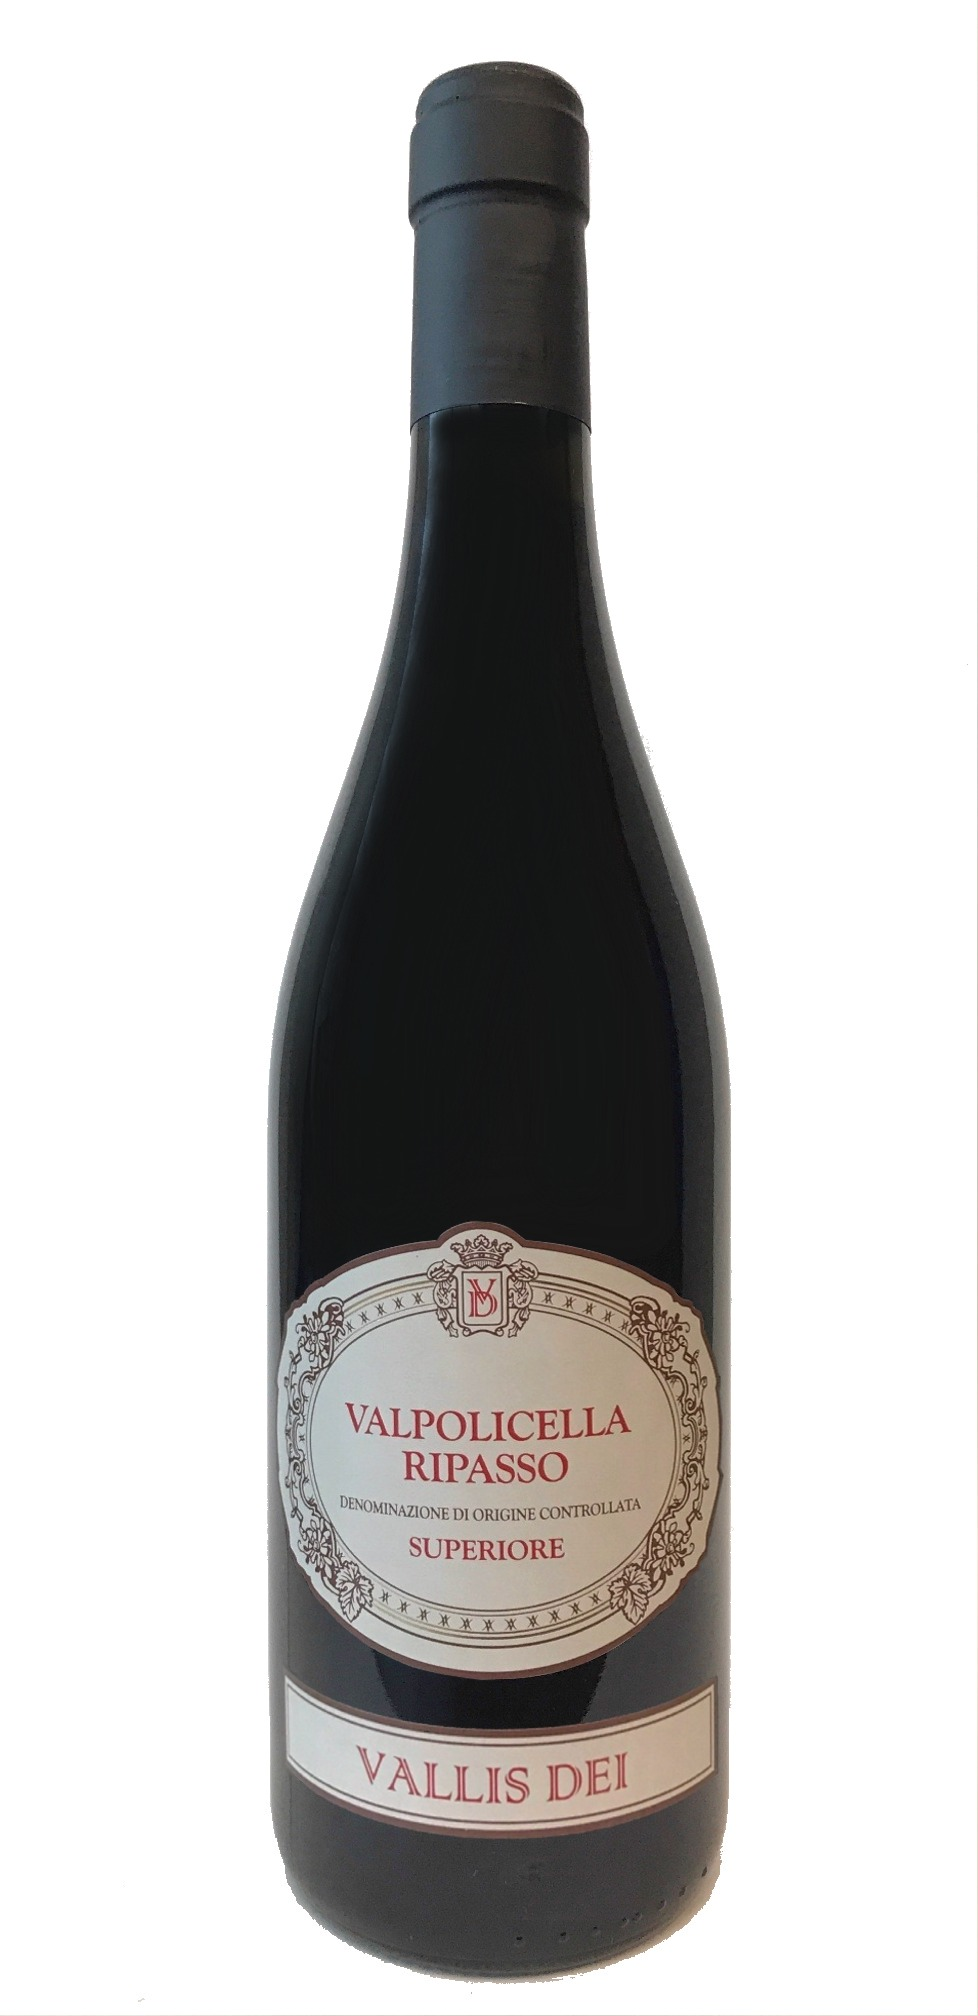 Splinternye Cantina di Verona Valpolicella Ripasso Superiore Vallis Dei 2015 IL-87